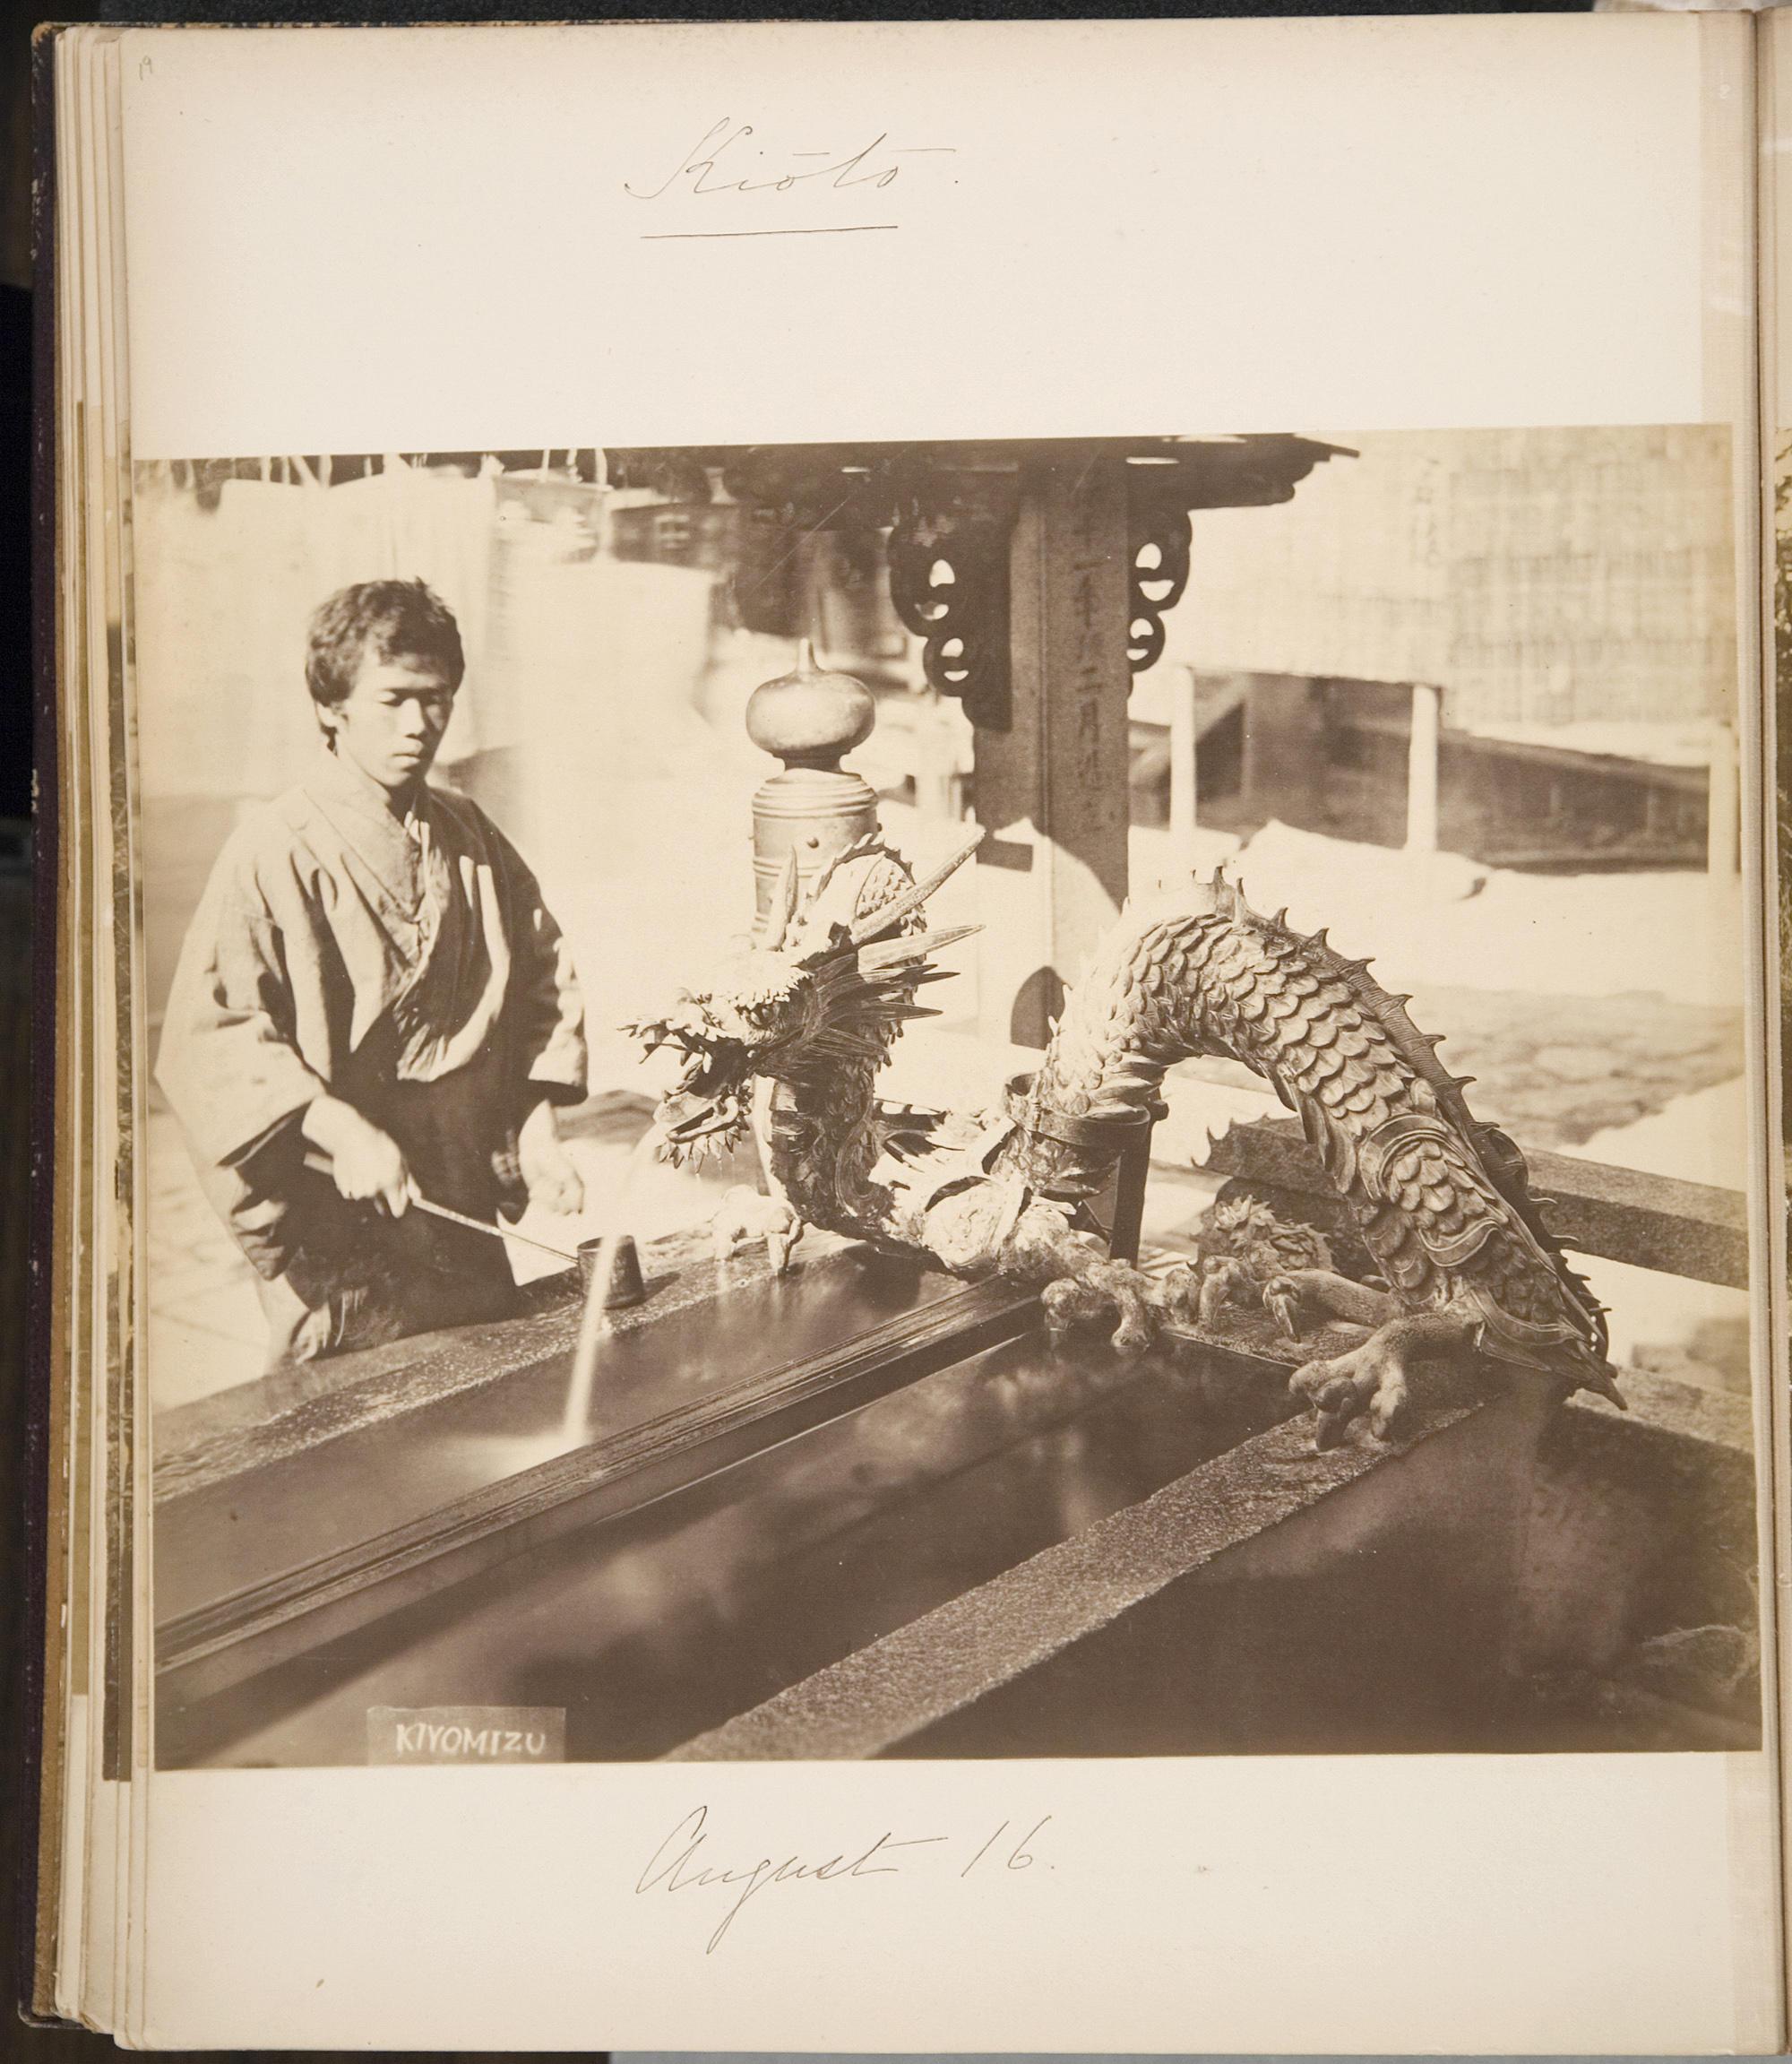 Isabella Stewart Gardner (American, 1840–1924), Travel Album: China and Japan, 1883, page 5